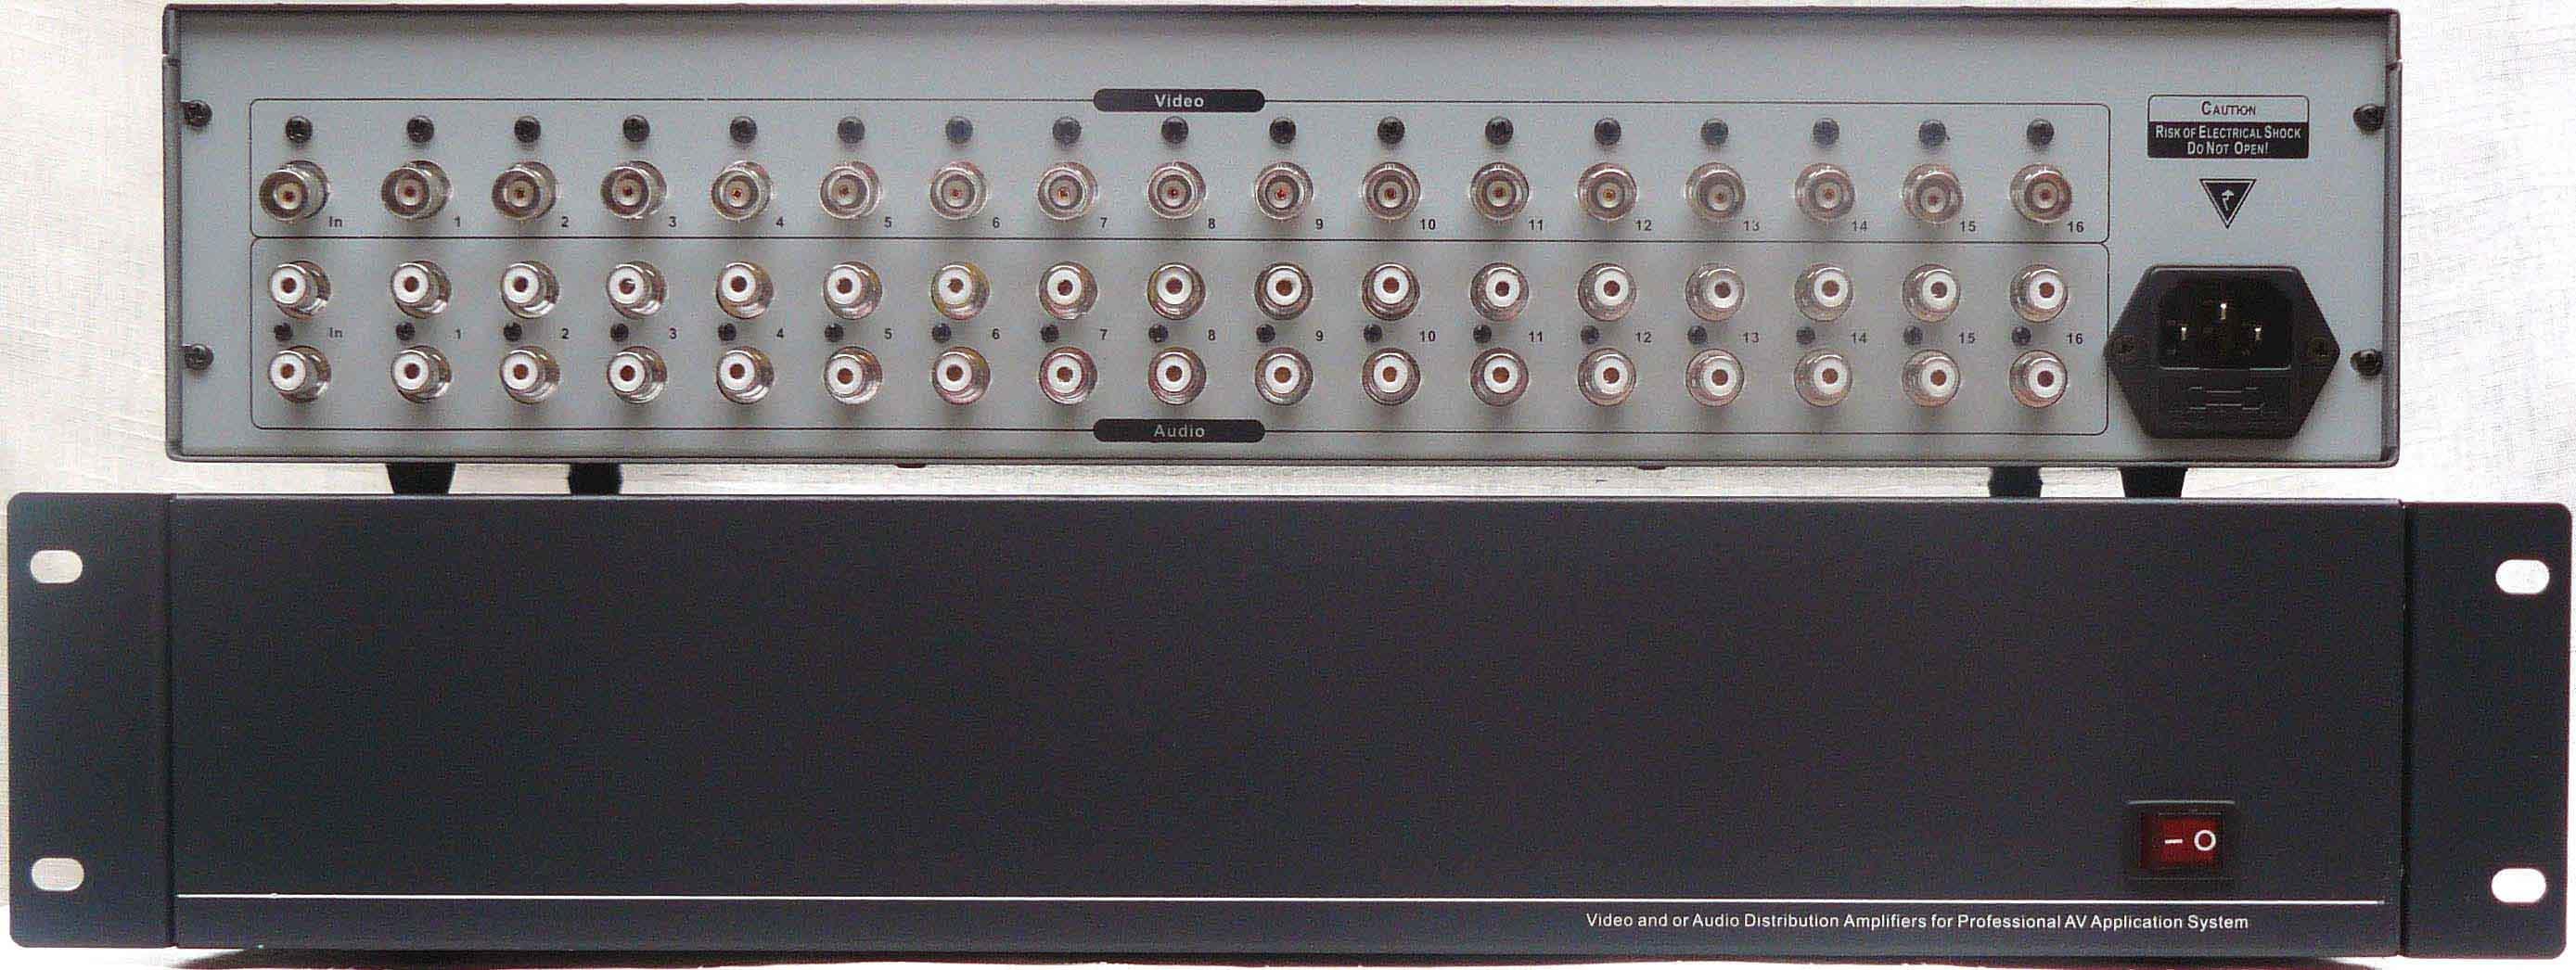 1进16出立体声音视频分配器